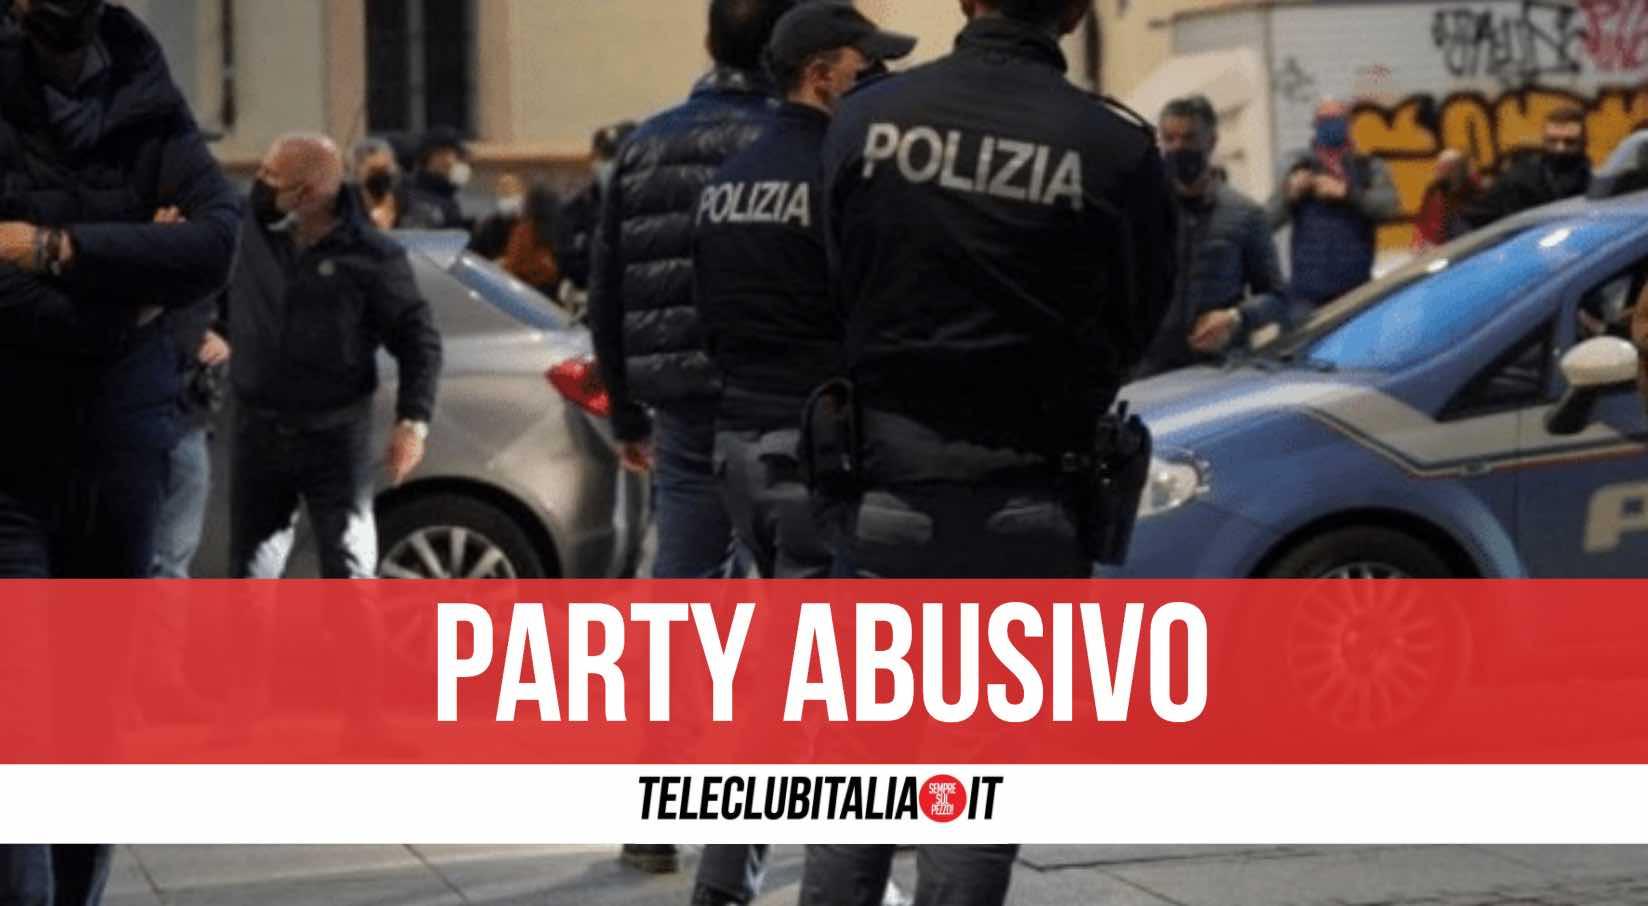 festa abusiva napoli polizia